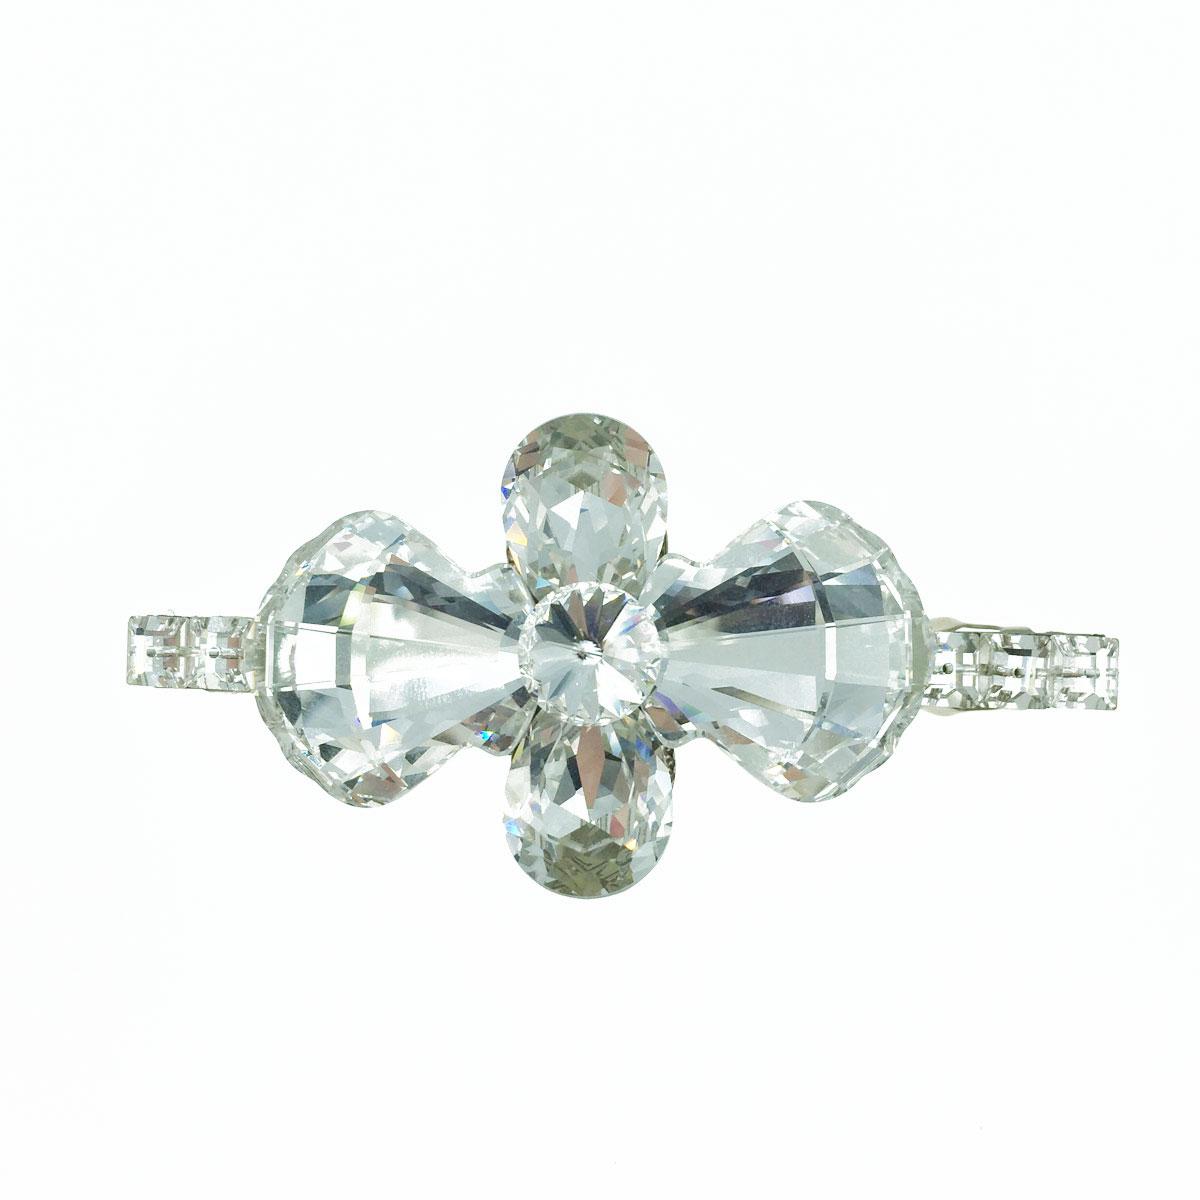 貝殼造型 蝴蝶結 方形 白鑽 水鑽 水晶 髮夾 自動夾 採用施華洛世奇水晶元素 Crystals from Swarovski